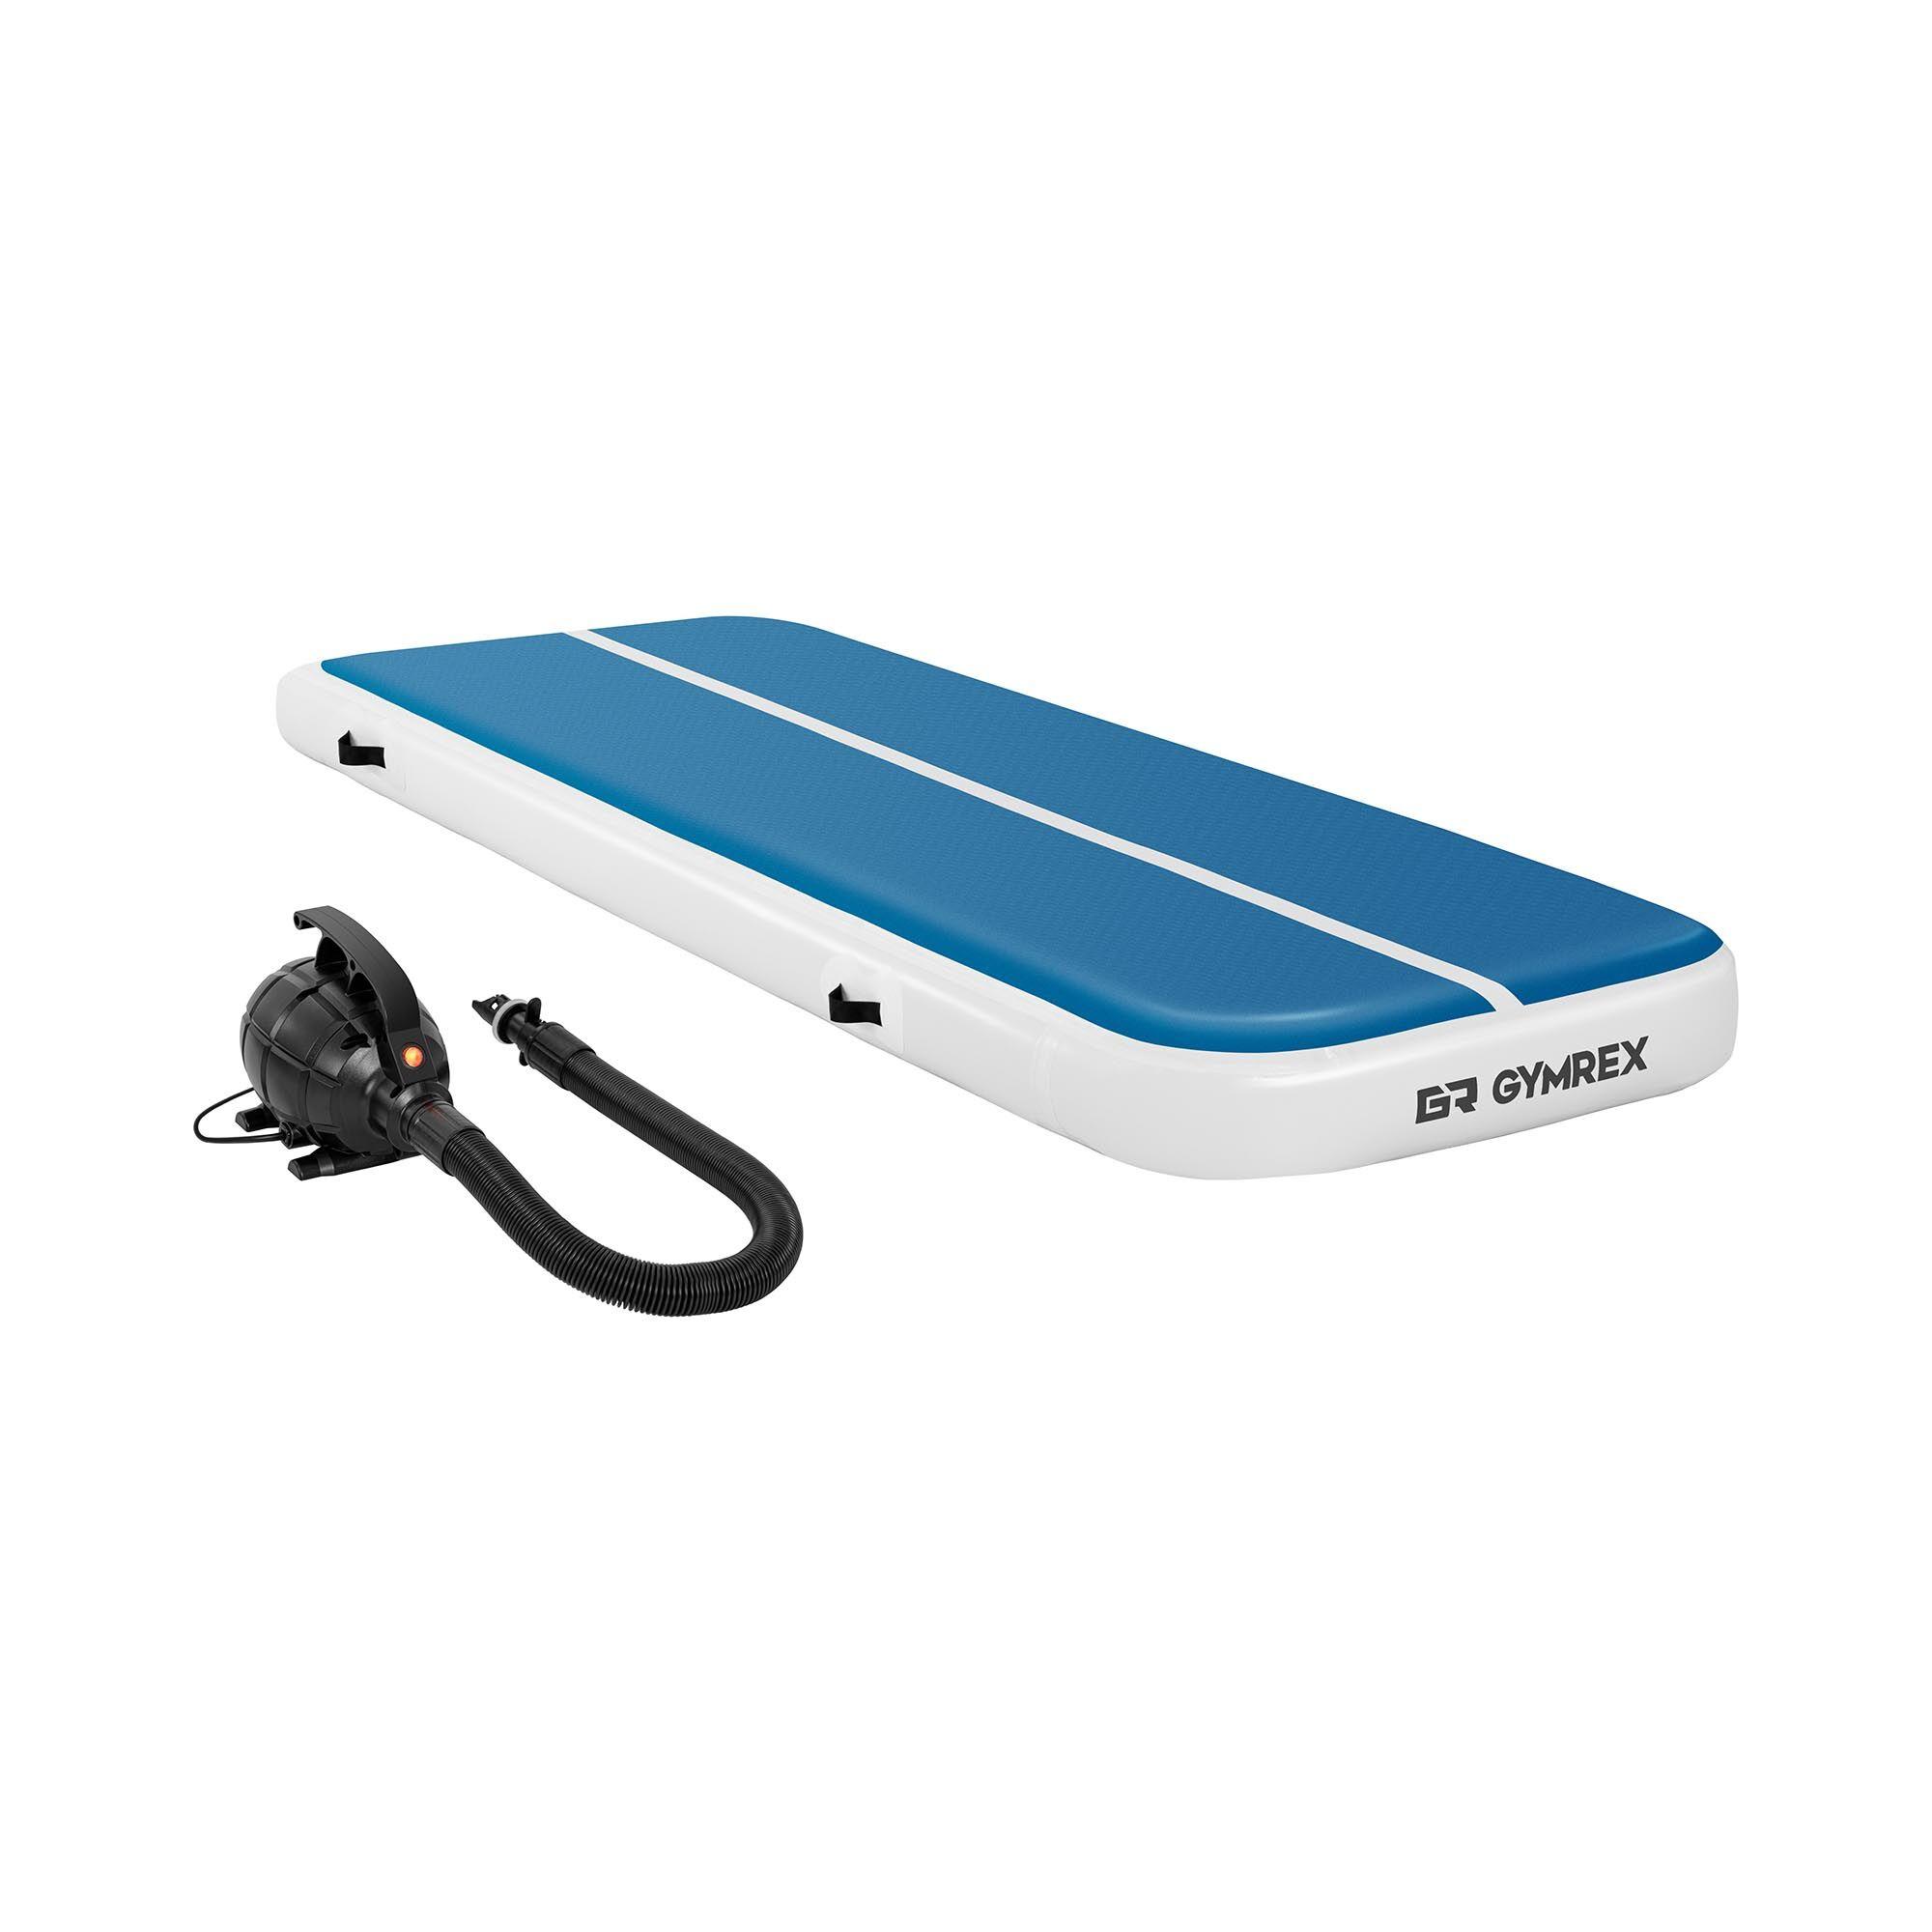 Gymrex Air track - Aitrack avec gonfleur électrique - Airtrack - 300 x 100 x 20 cm - 150 kg - Bleu/blanc GR-ATM4-SET